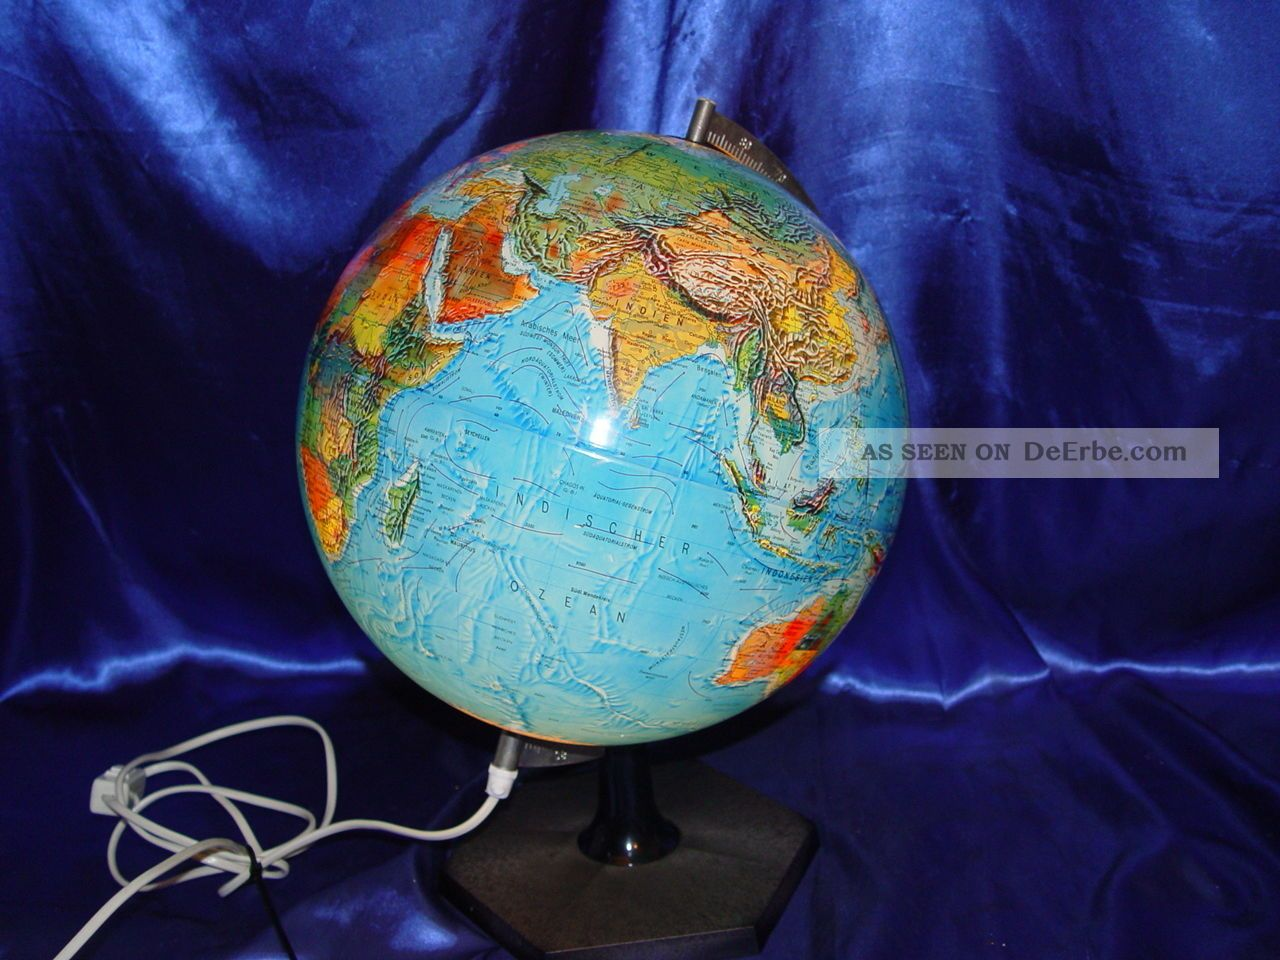 alter mittelgro er globus beleuchtet scan globe a s. Black Bedroom Furniture Sets. Home Design Ideas